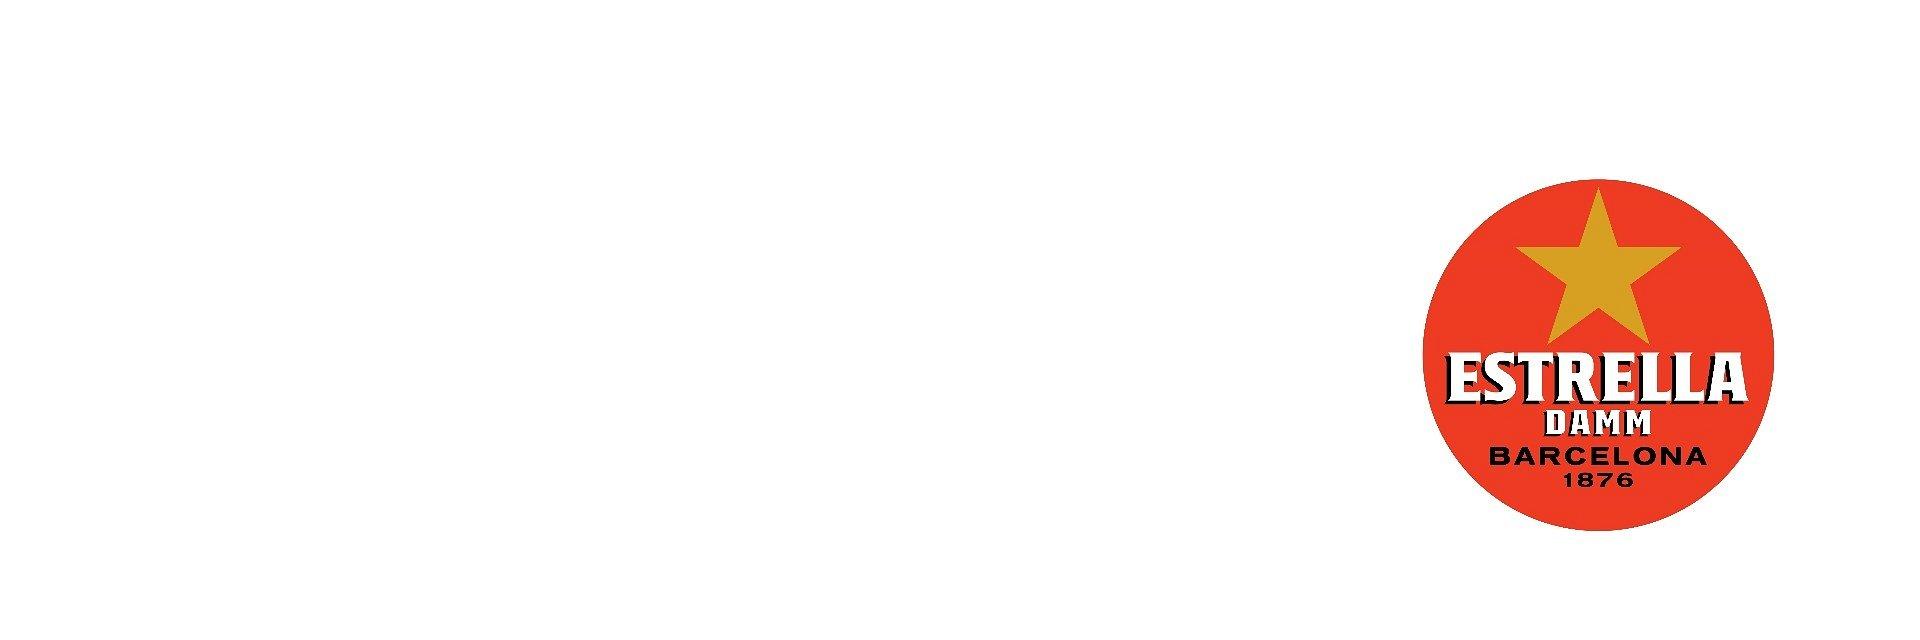 Nova campanha da Estrella Damm conta os segredos da receita original